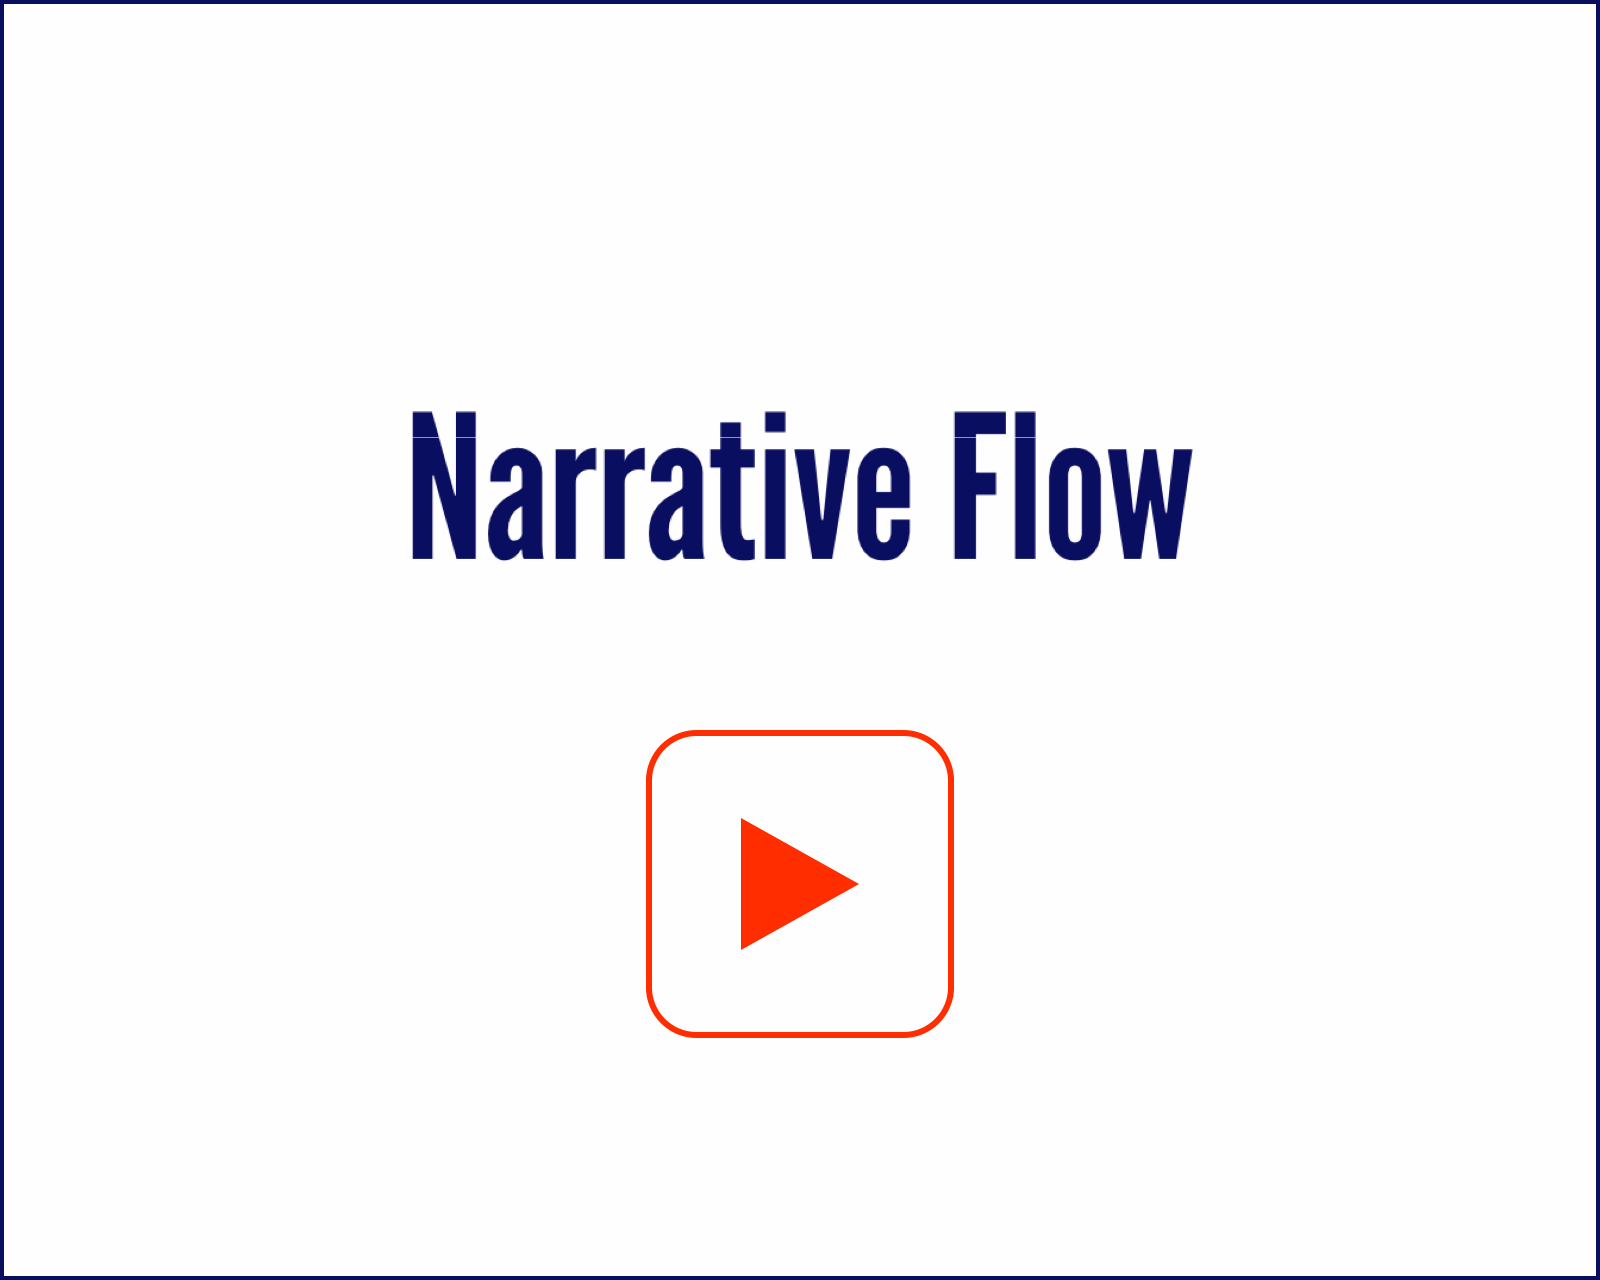 Narrative flow